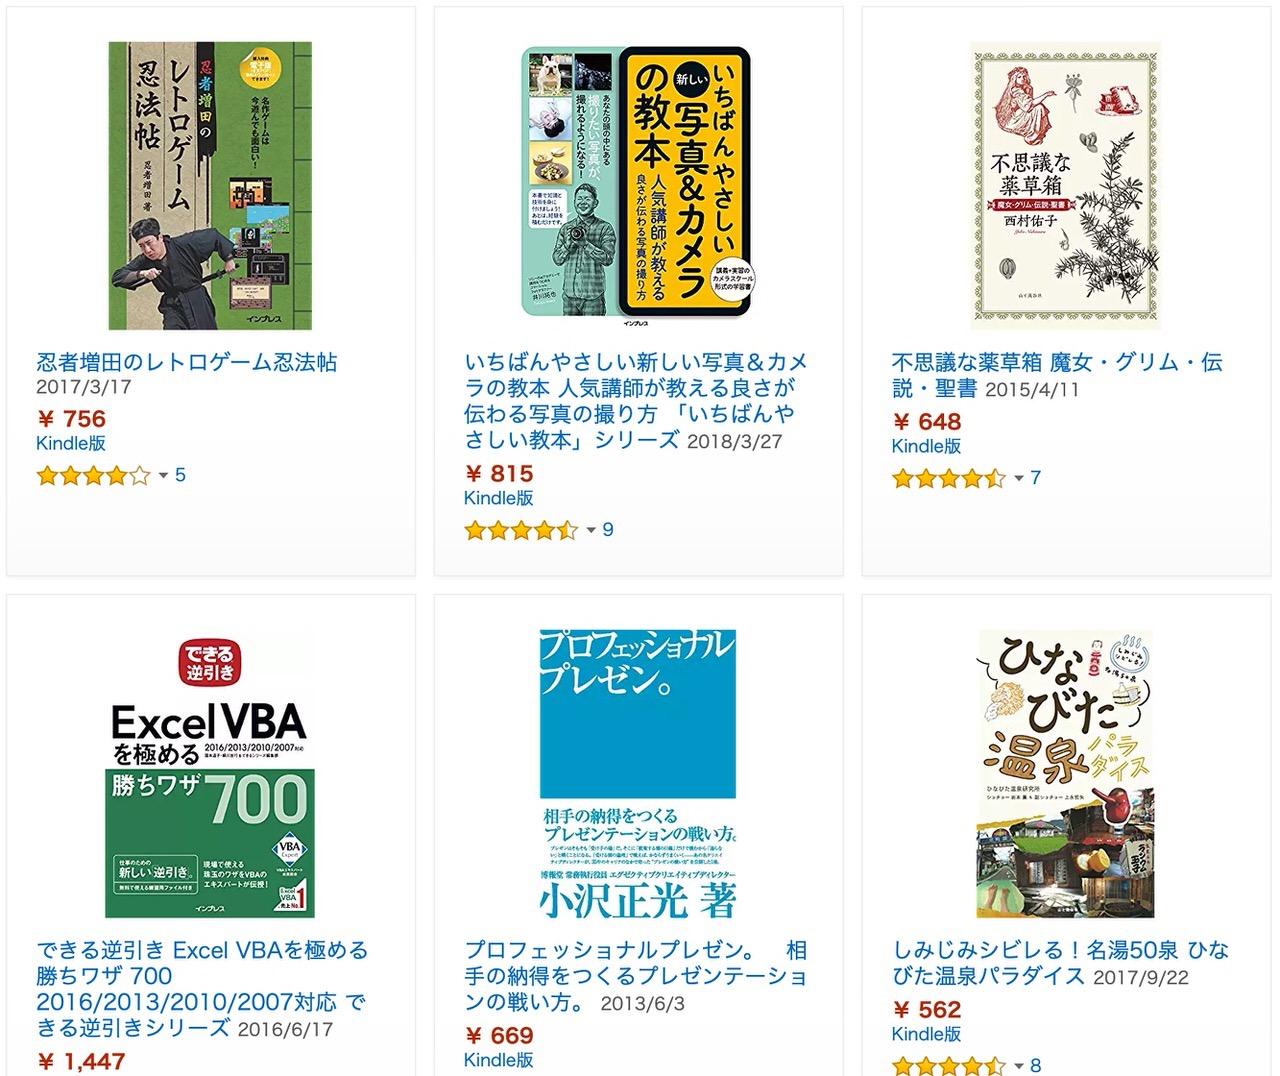 【Kindleセール】全品50%OFF「高額本お買い得セール」開催中(2/28まで)